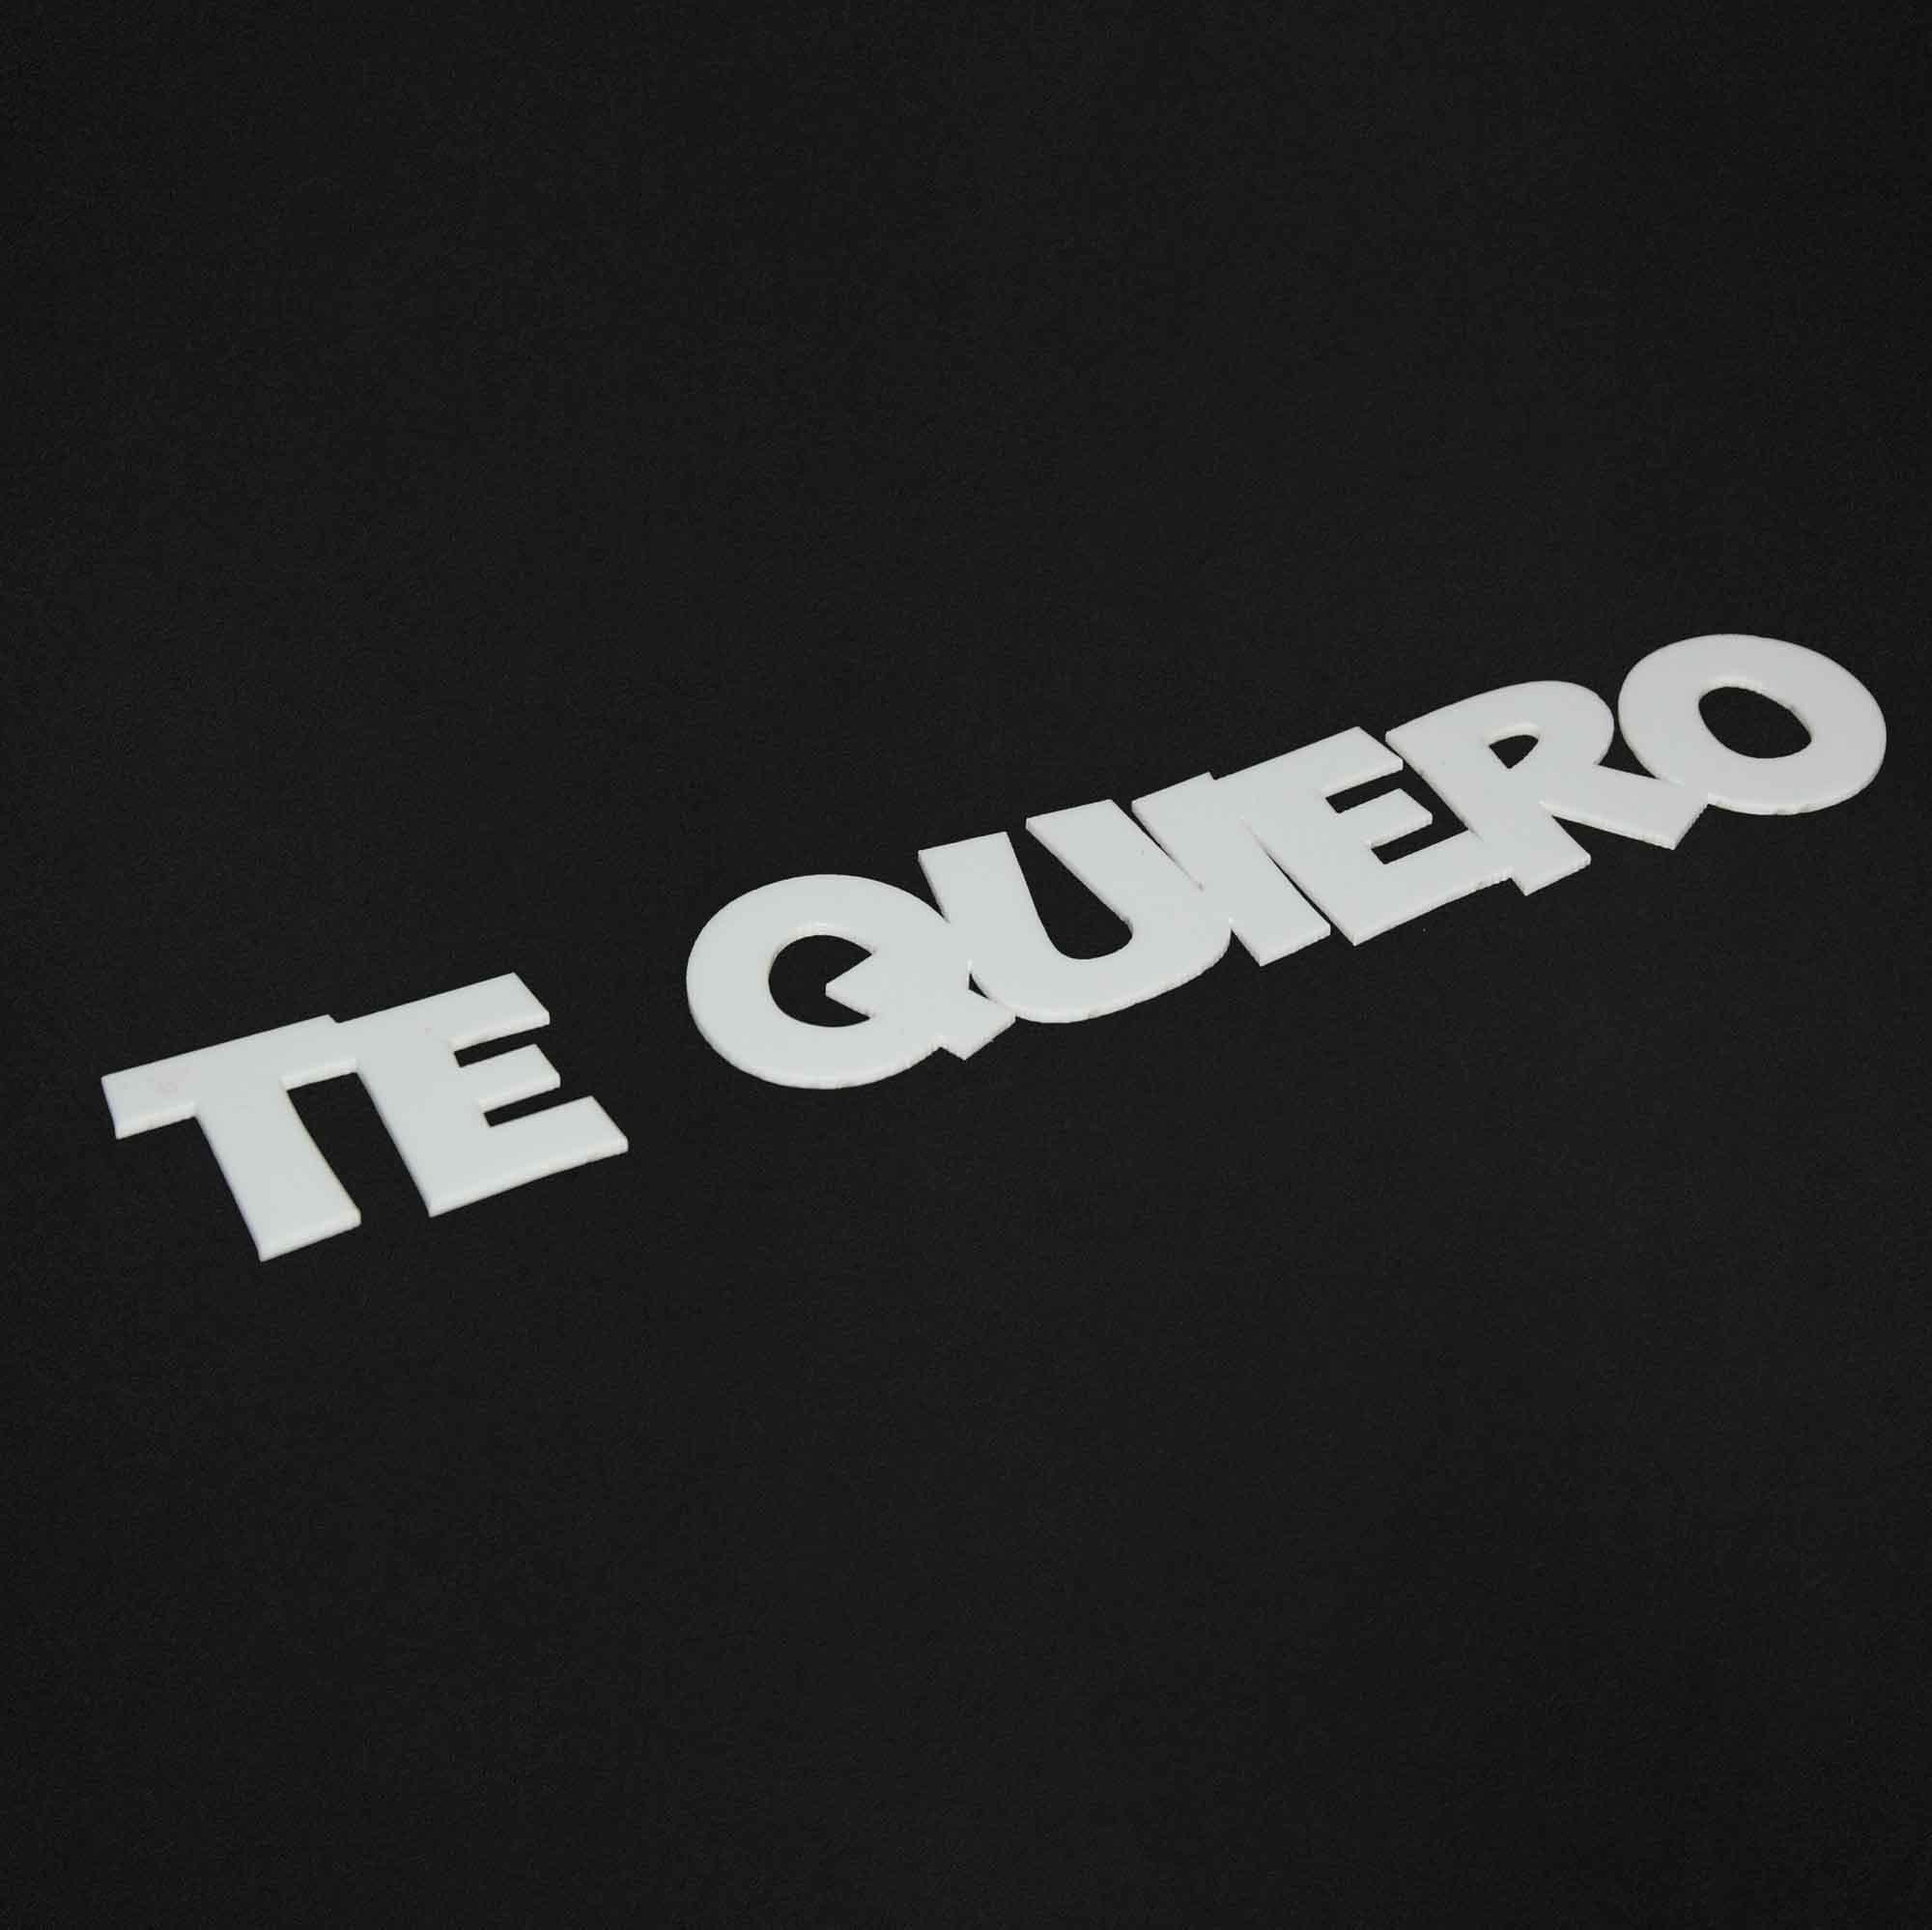 Letras de acrílico cortado con láser con la frase Te Quiero